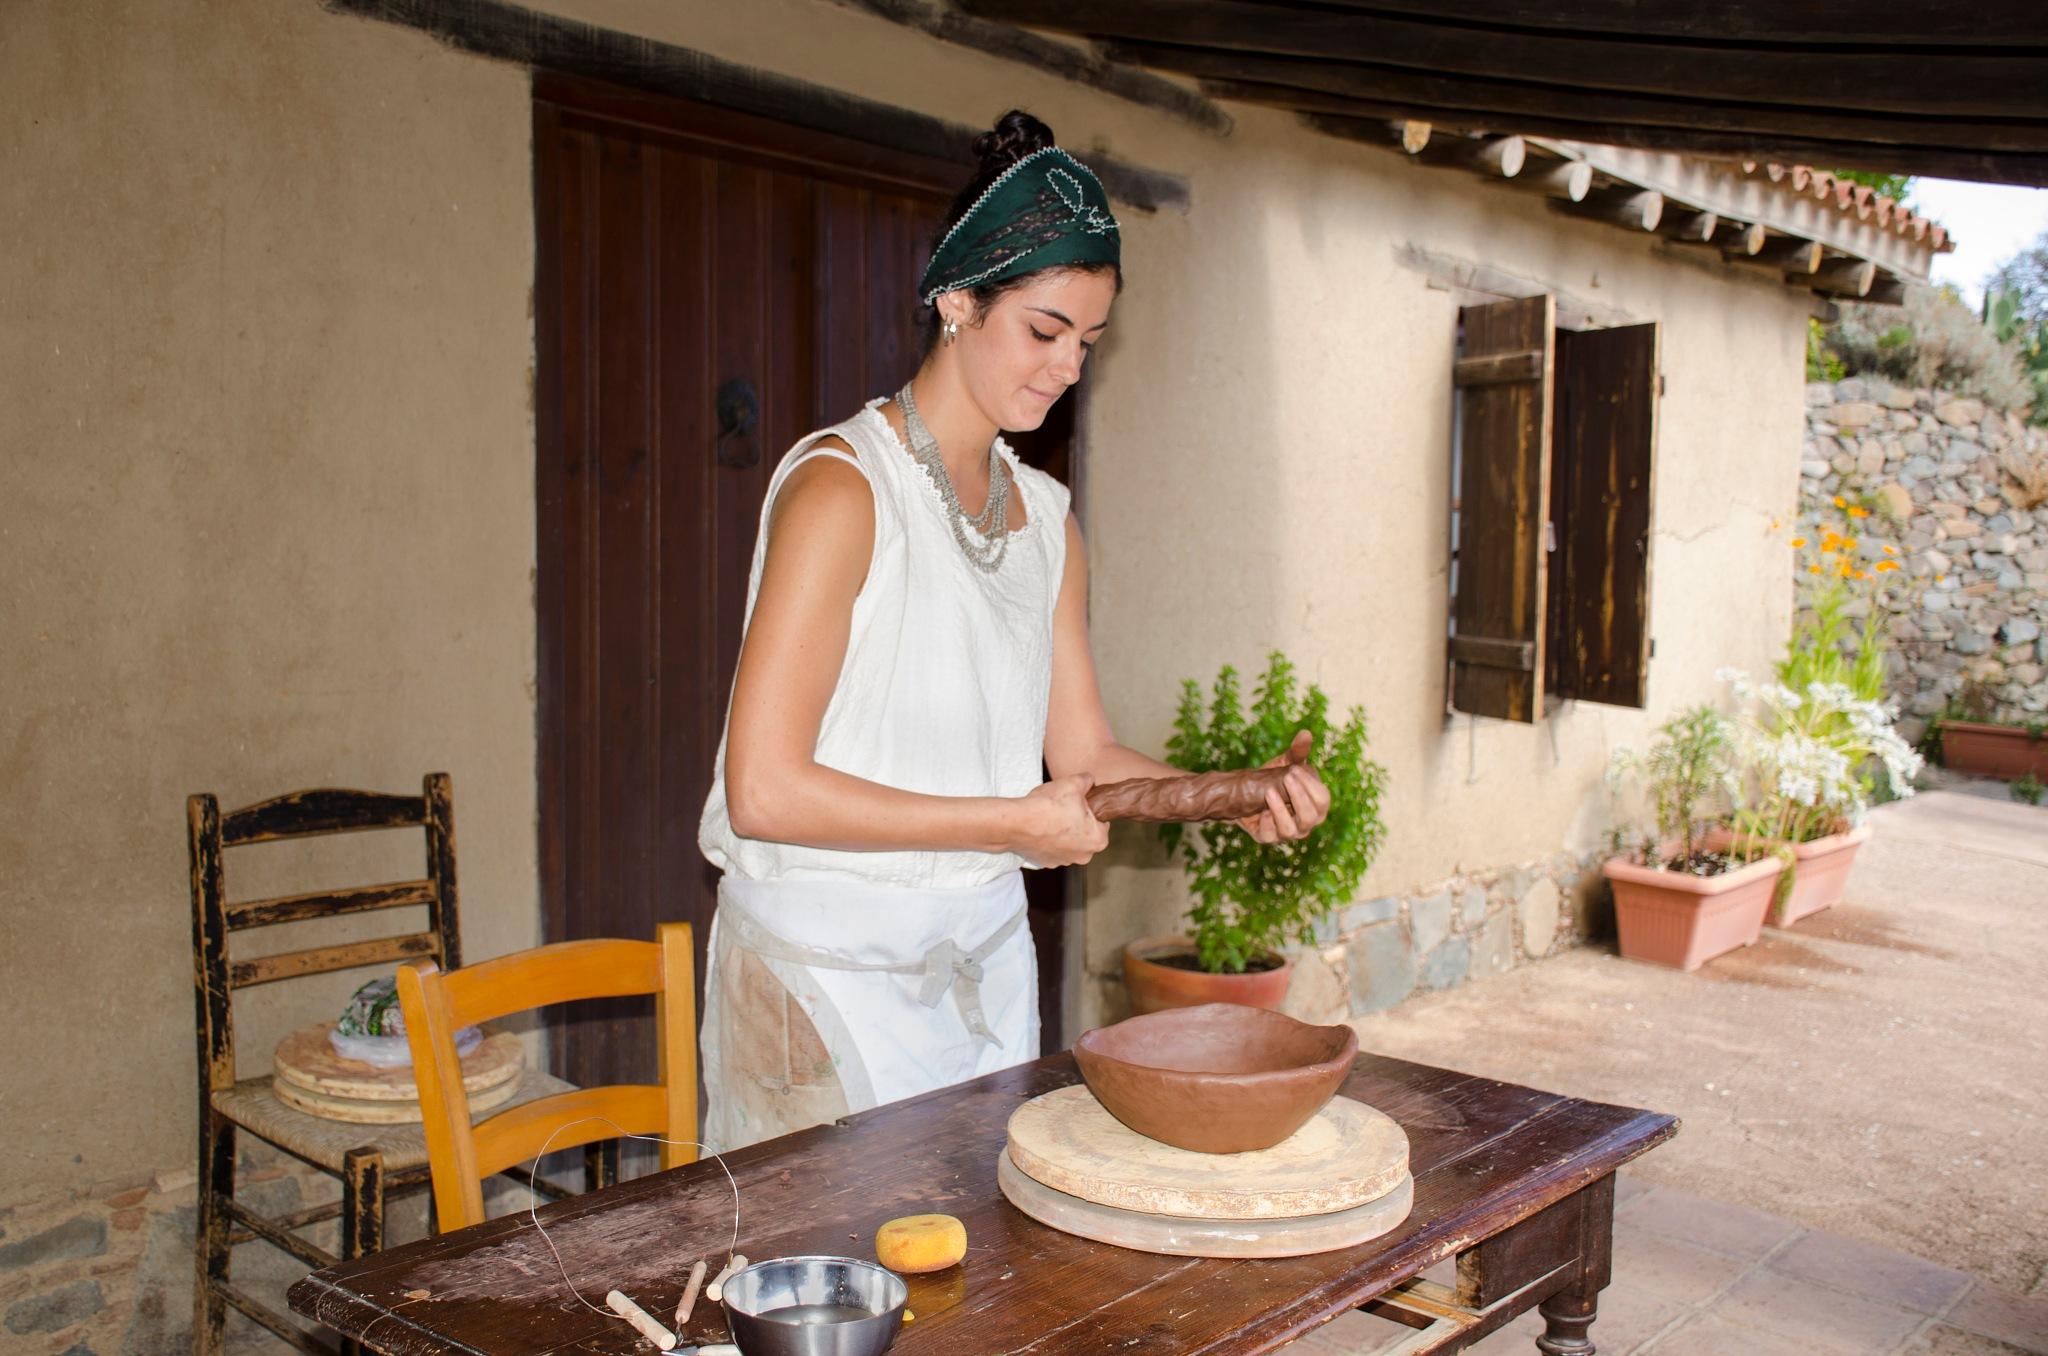 Pottery by marokkyprianou